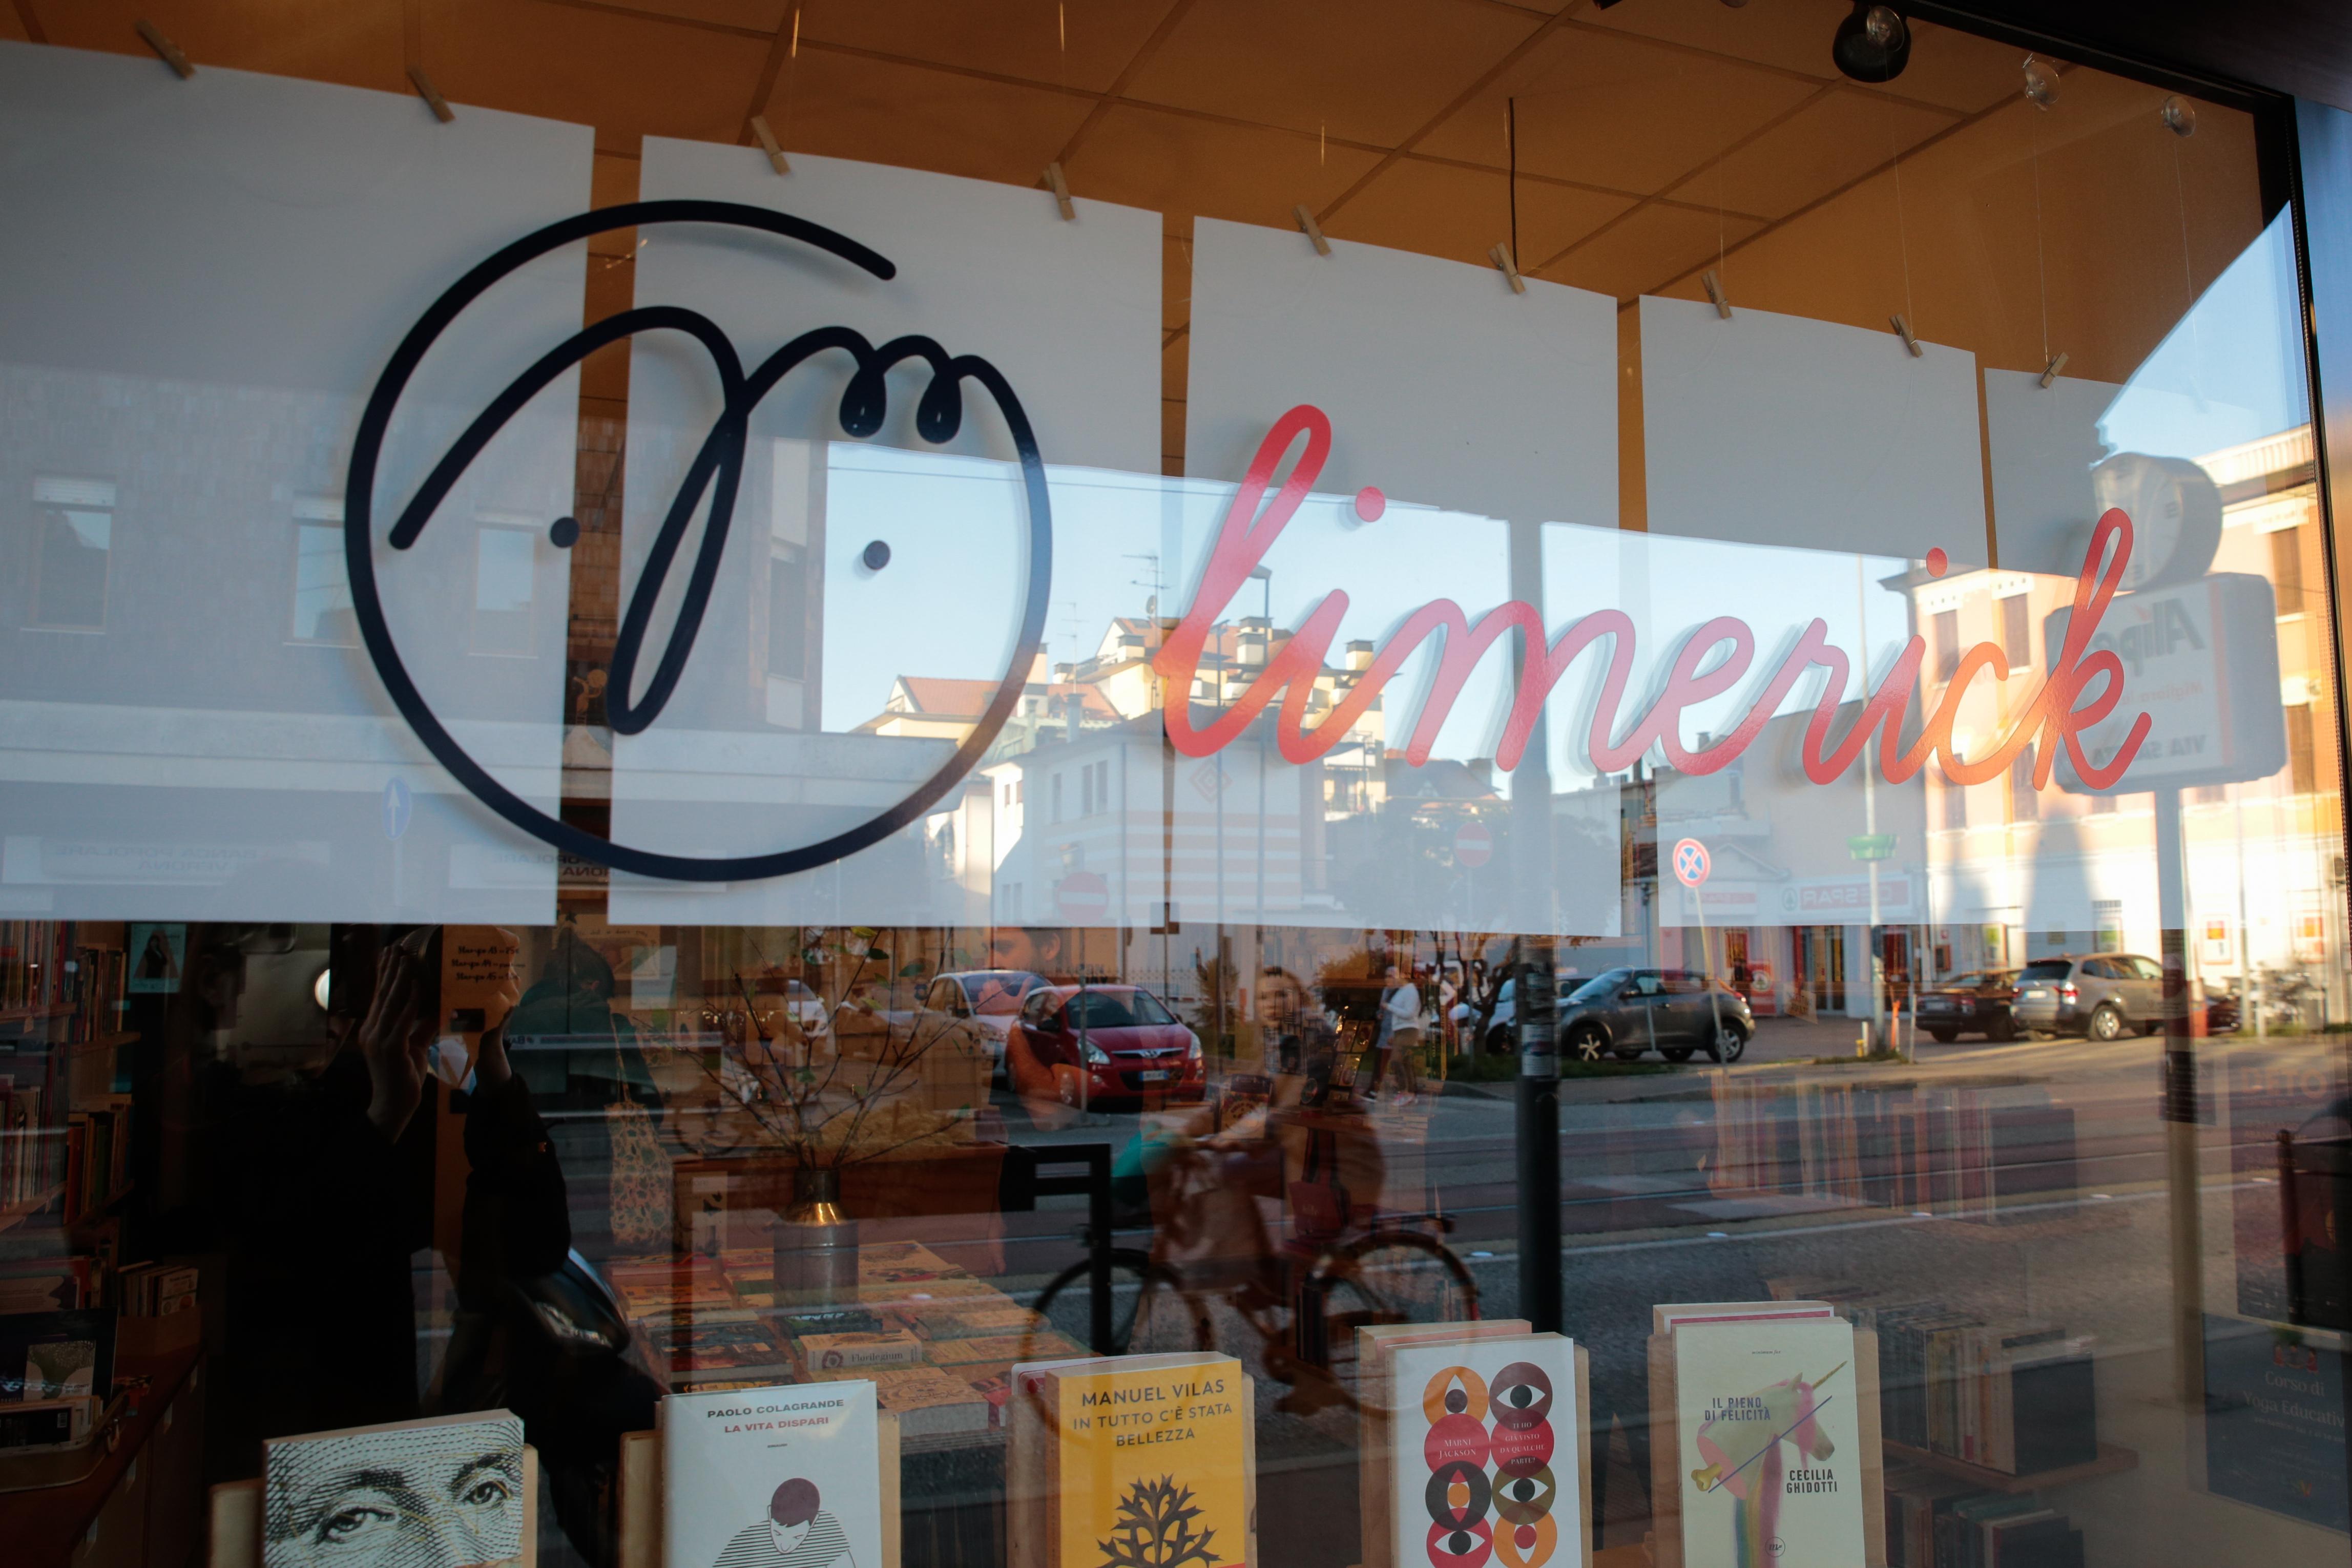 """Nel quartiere più popoloso e multiculturale di Padova, l'Arcella, c'è Limerick, la libreria che citando una poesia di Rodari """"vende speranza a buon mercato"""""""